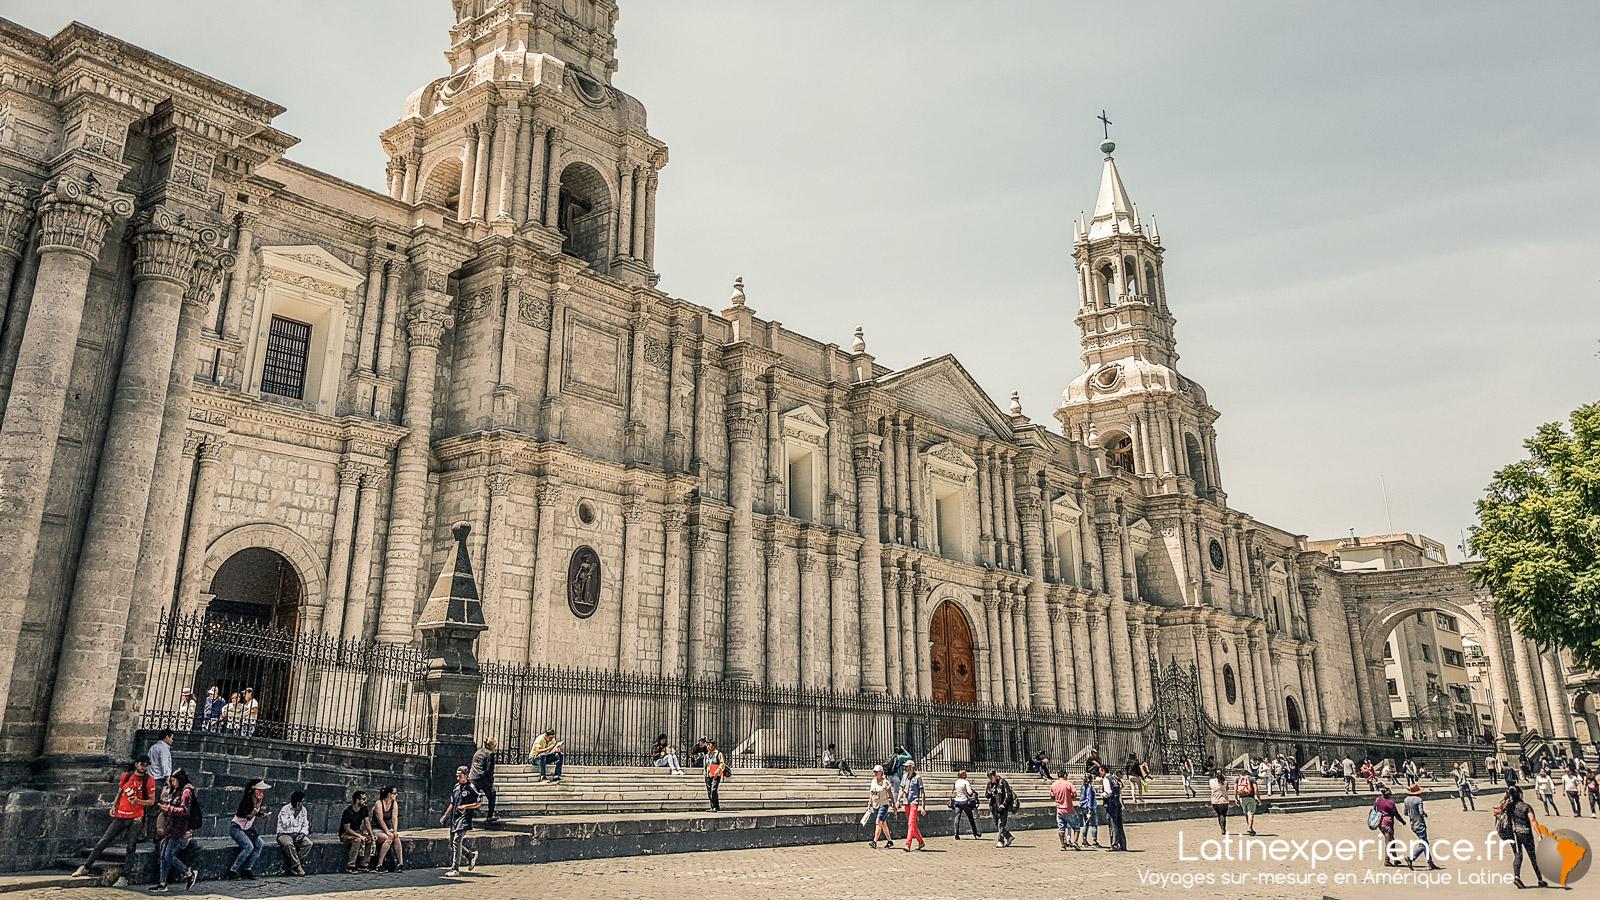 Pérou - Aréquipa - Latinexperience voyages